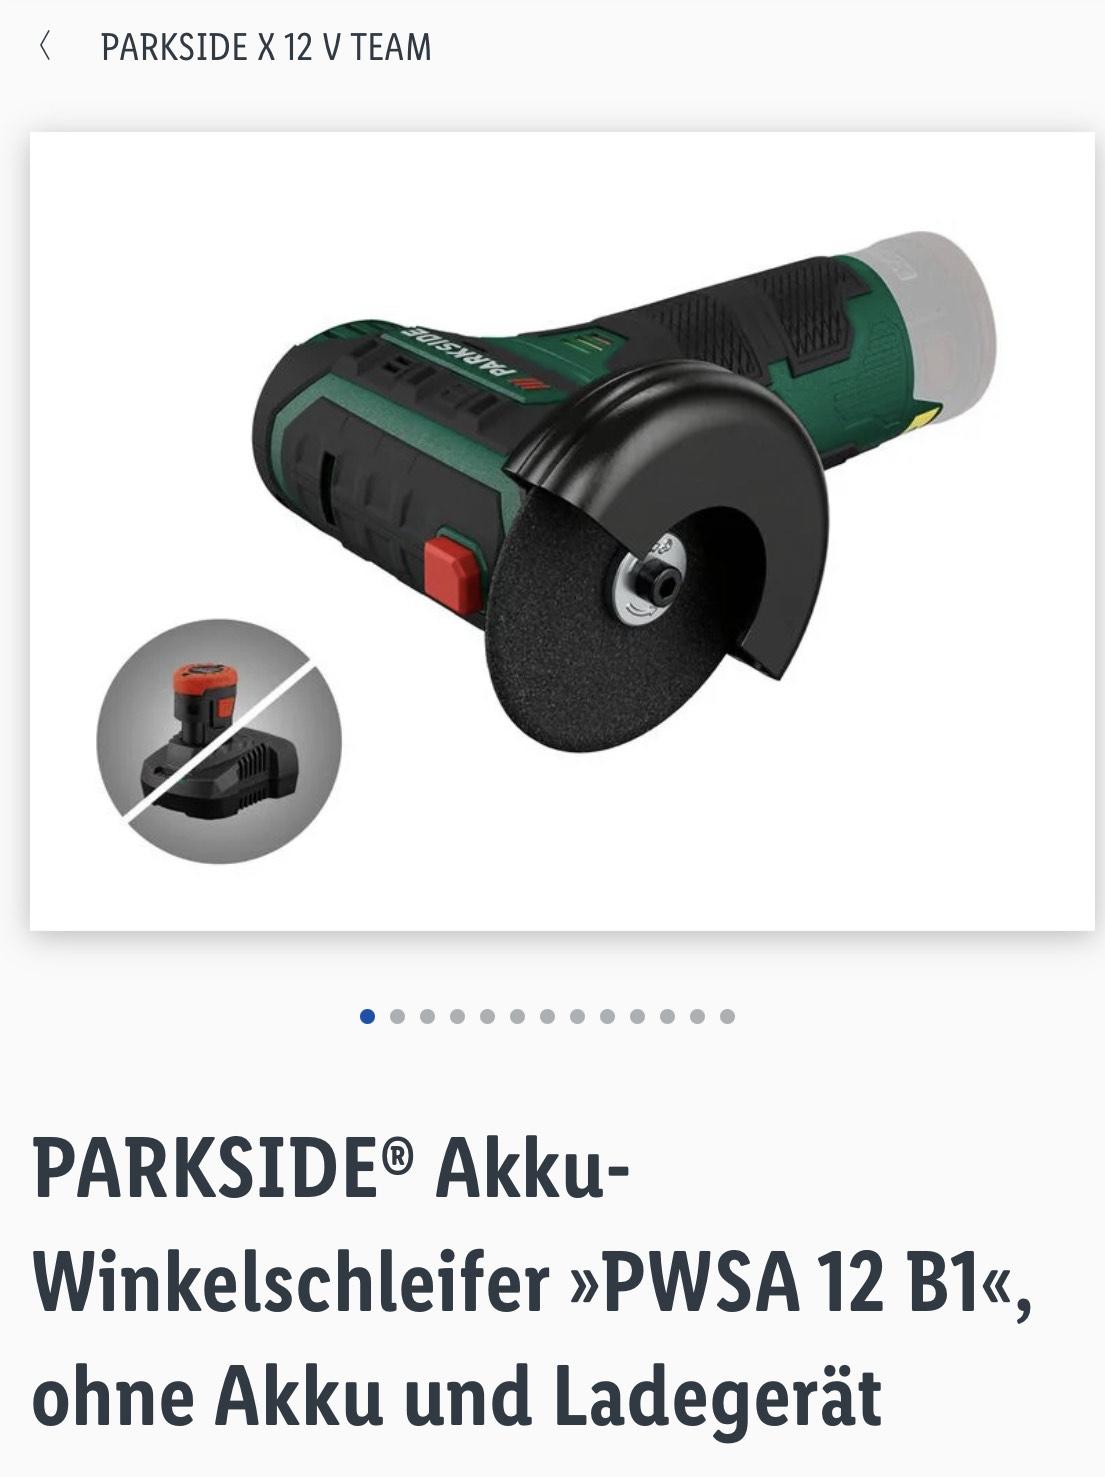 PARKSIDE® Akku-Winkelschleifer »PWSA 12 B1«, ohne Akku und Ladegerät